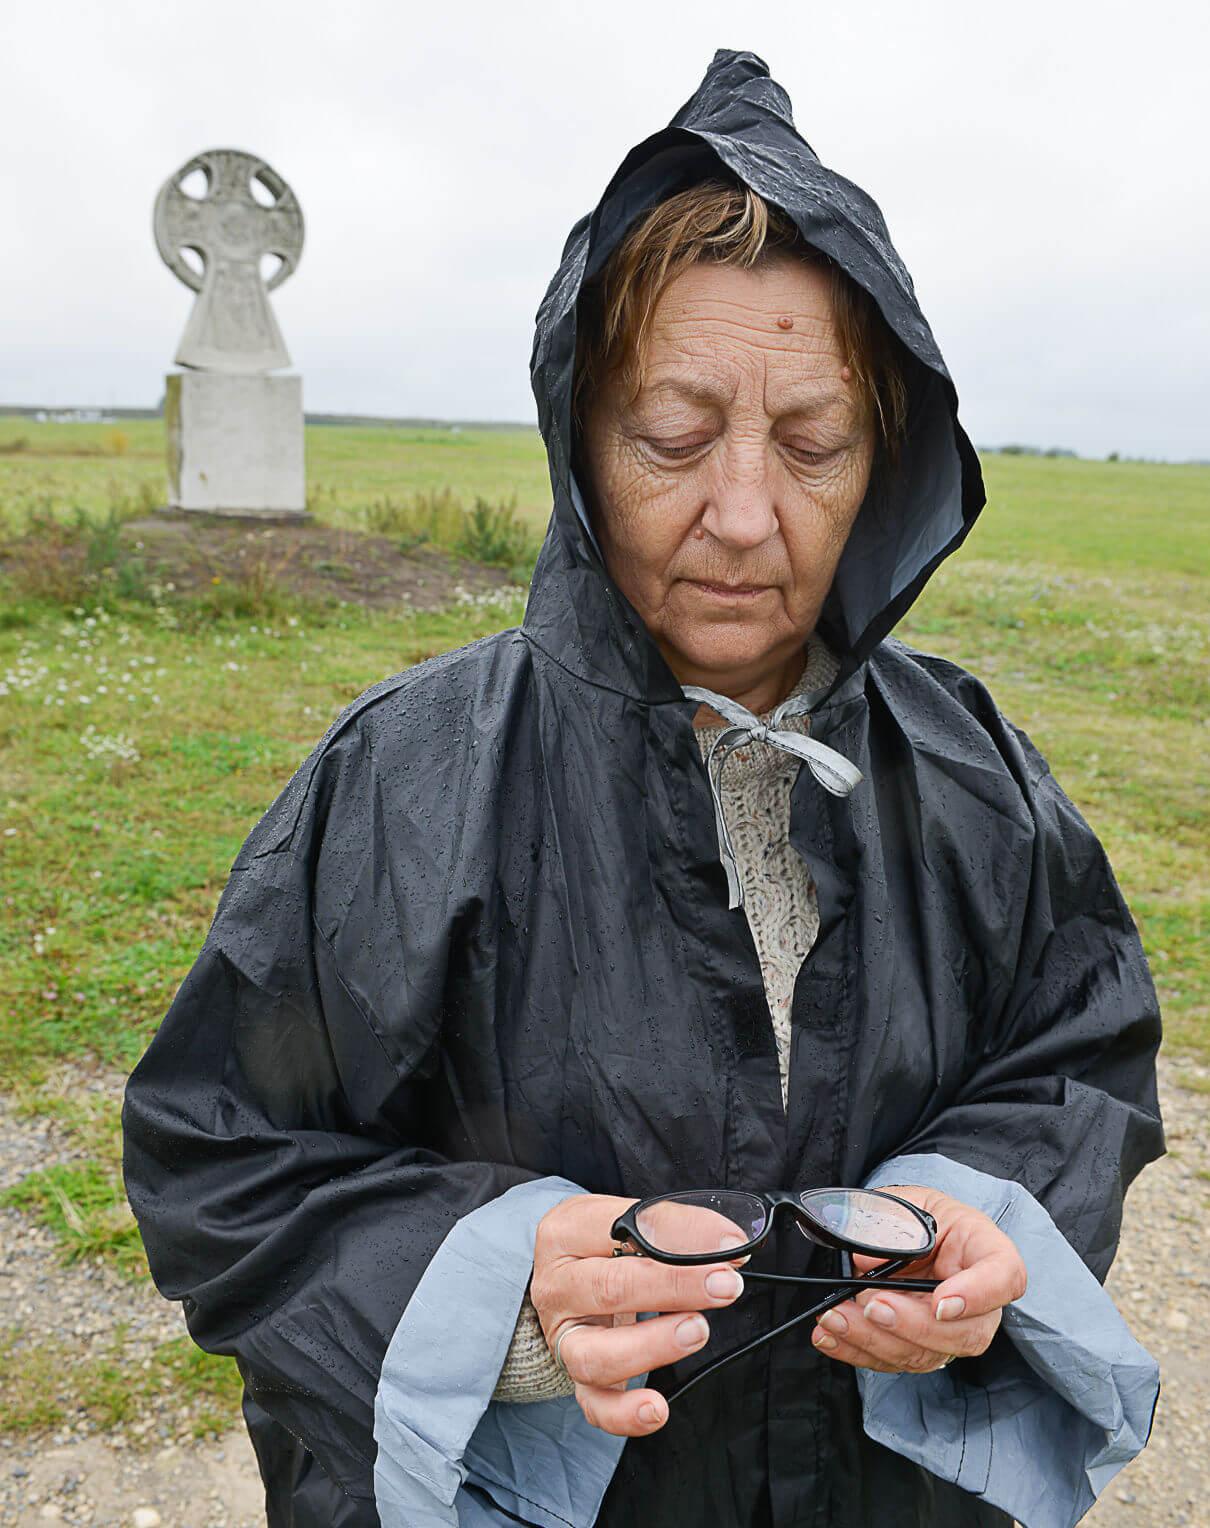 Археолог Буланкина много лет занимается вопросами изучения и музеефикации Старой Рязани